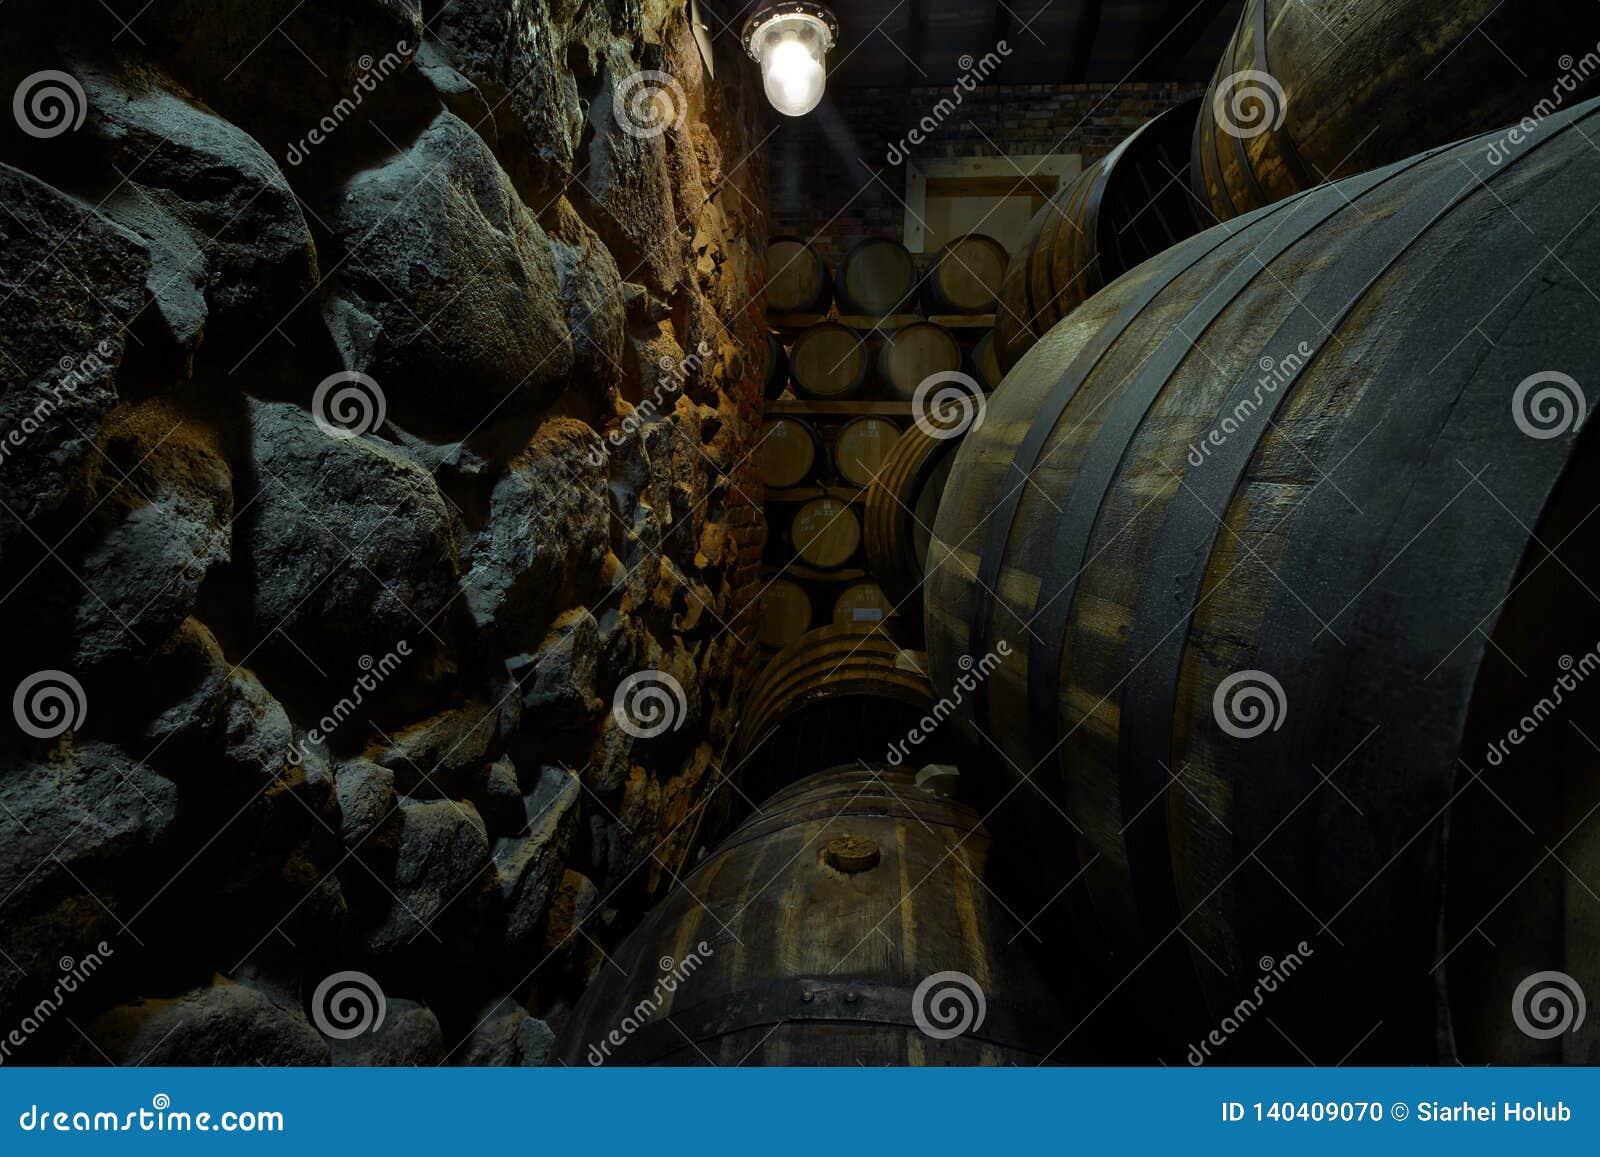 Filas de tambores alcohólicos en existencia destilería Coñac, whisky, vino, brandy Alcohol en barriles